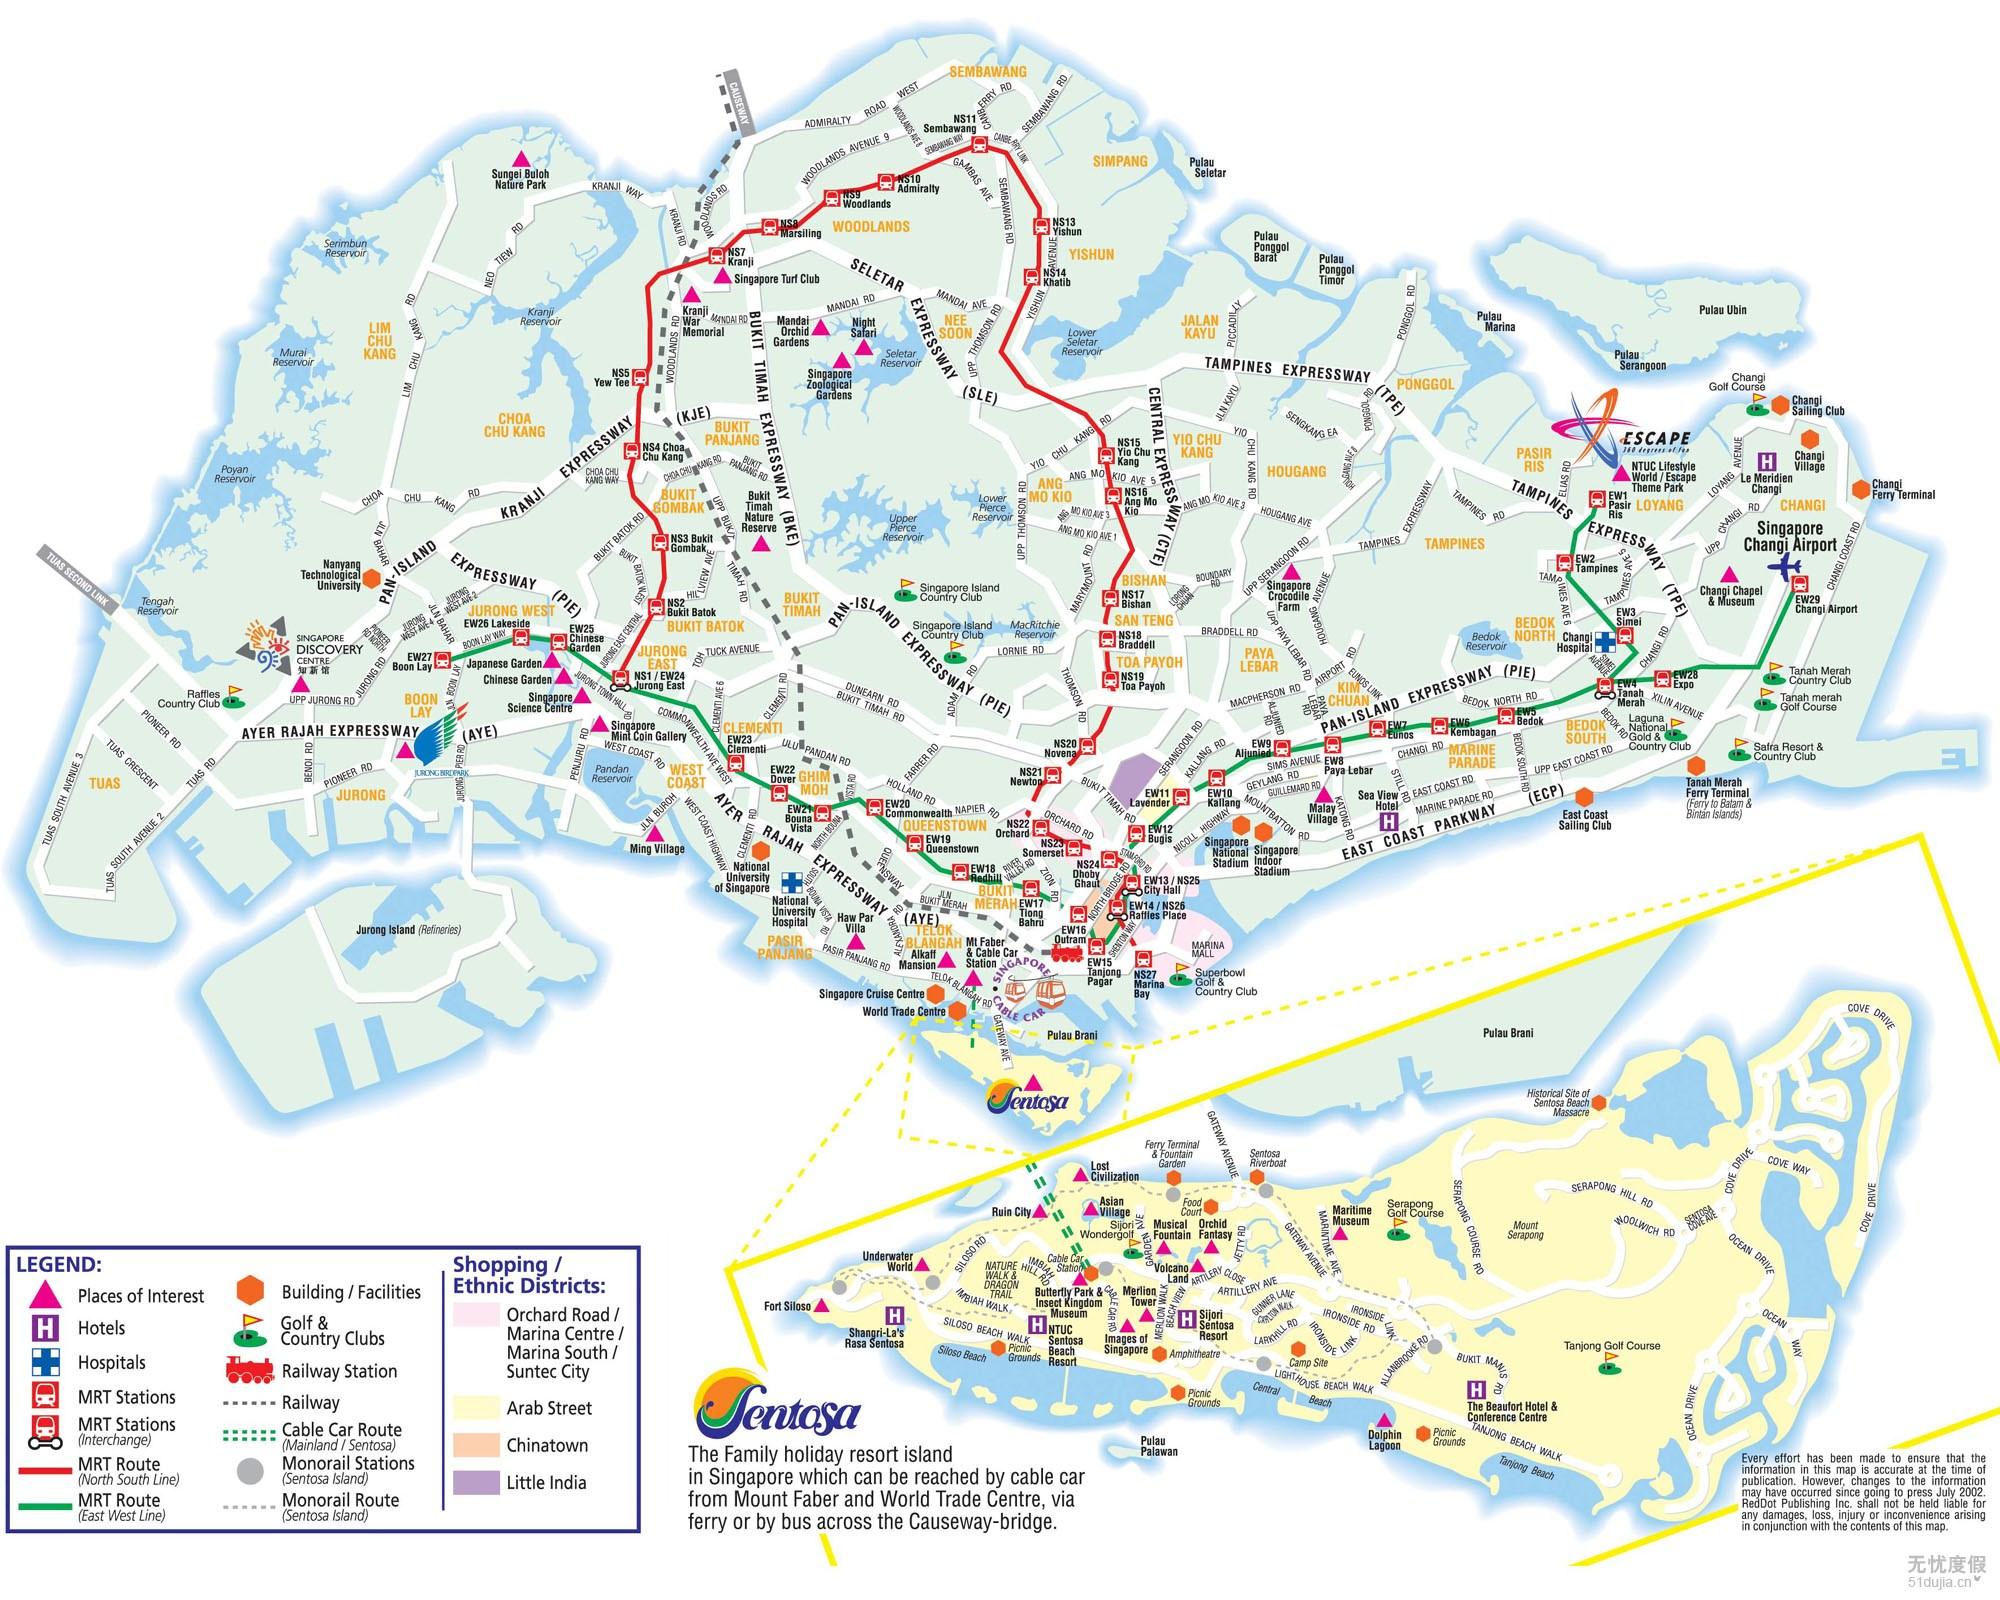 新加坡地图 新加坡旅游地图 新加坡 旅游景点